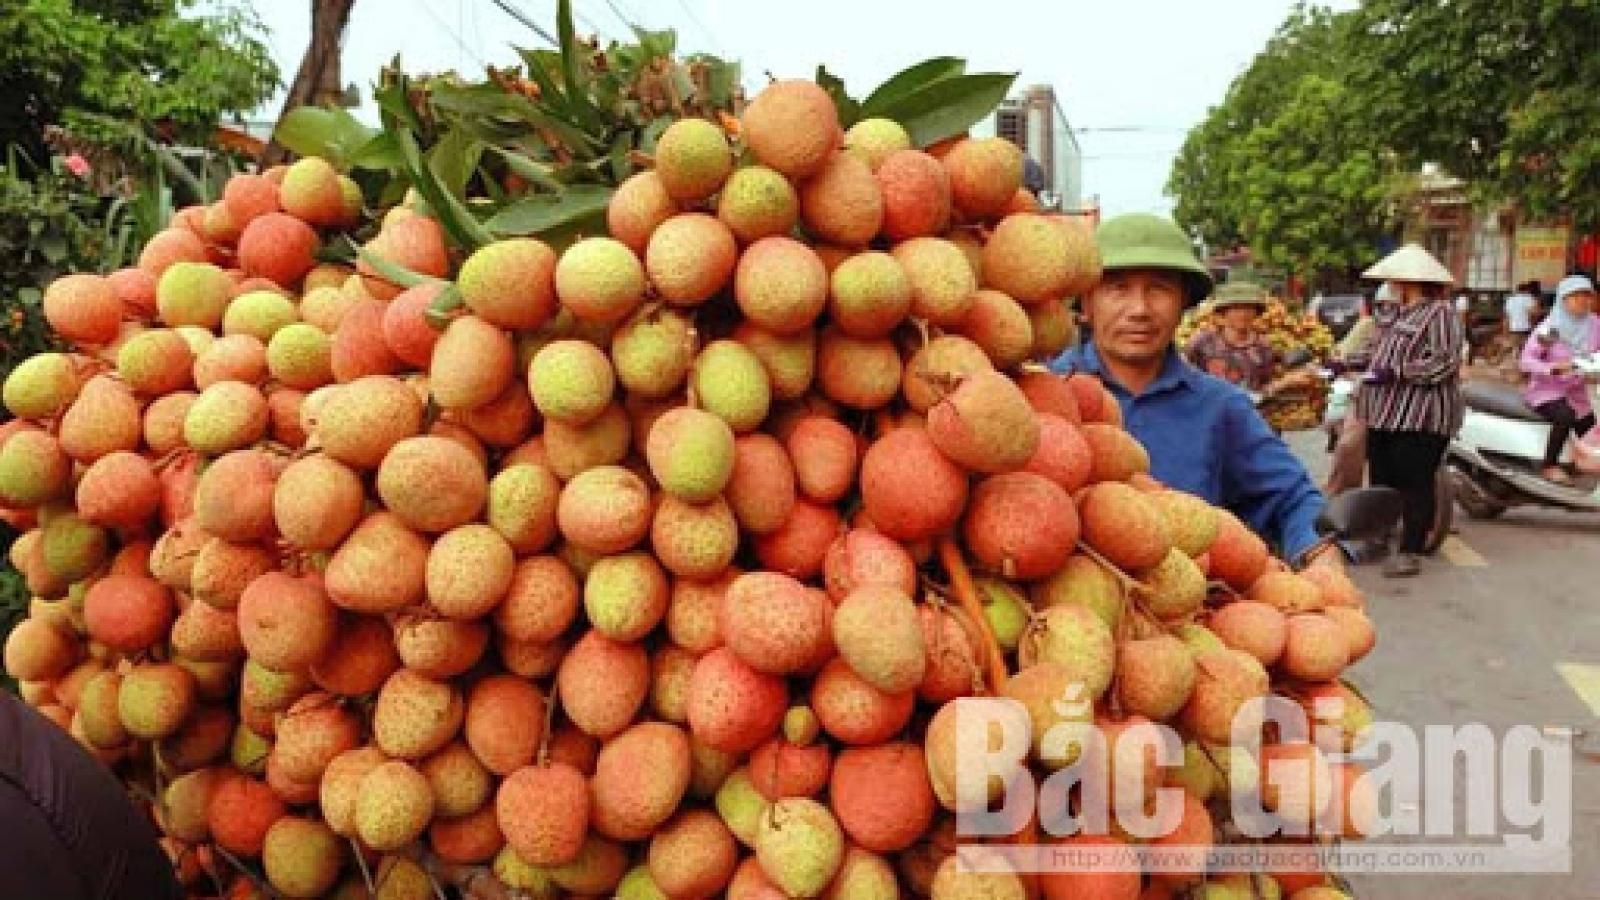 Bắc Giang xuất khẩu 15 tấn vải thiều sang thị trường Nhật Bản